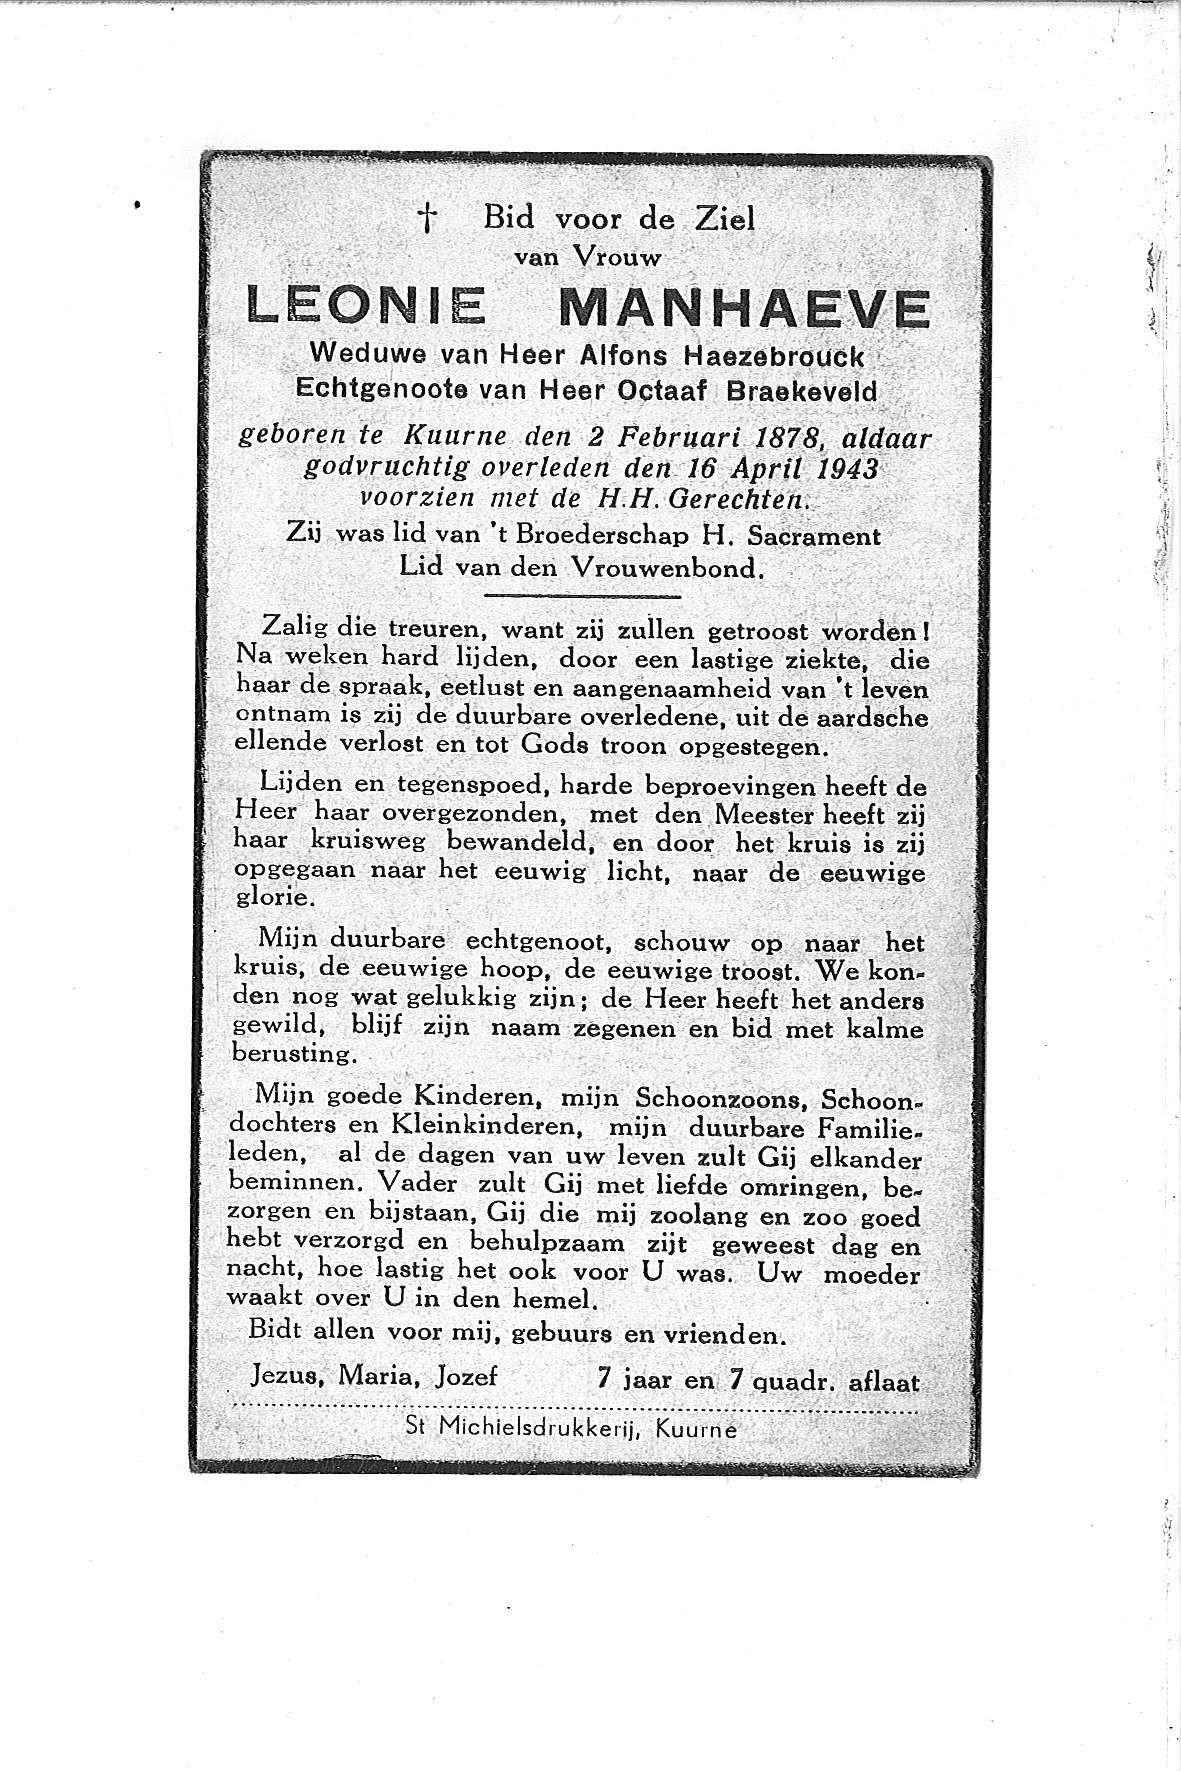 Leonie(1943)20120206150550_00020.jpg